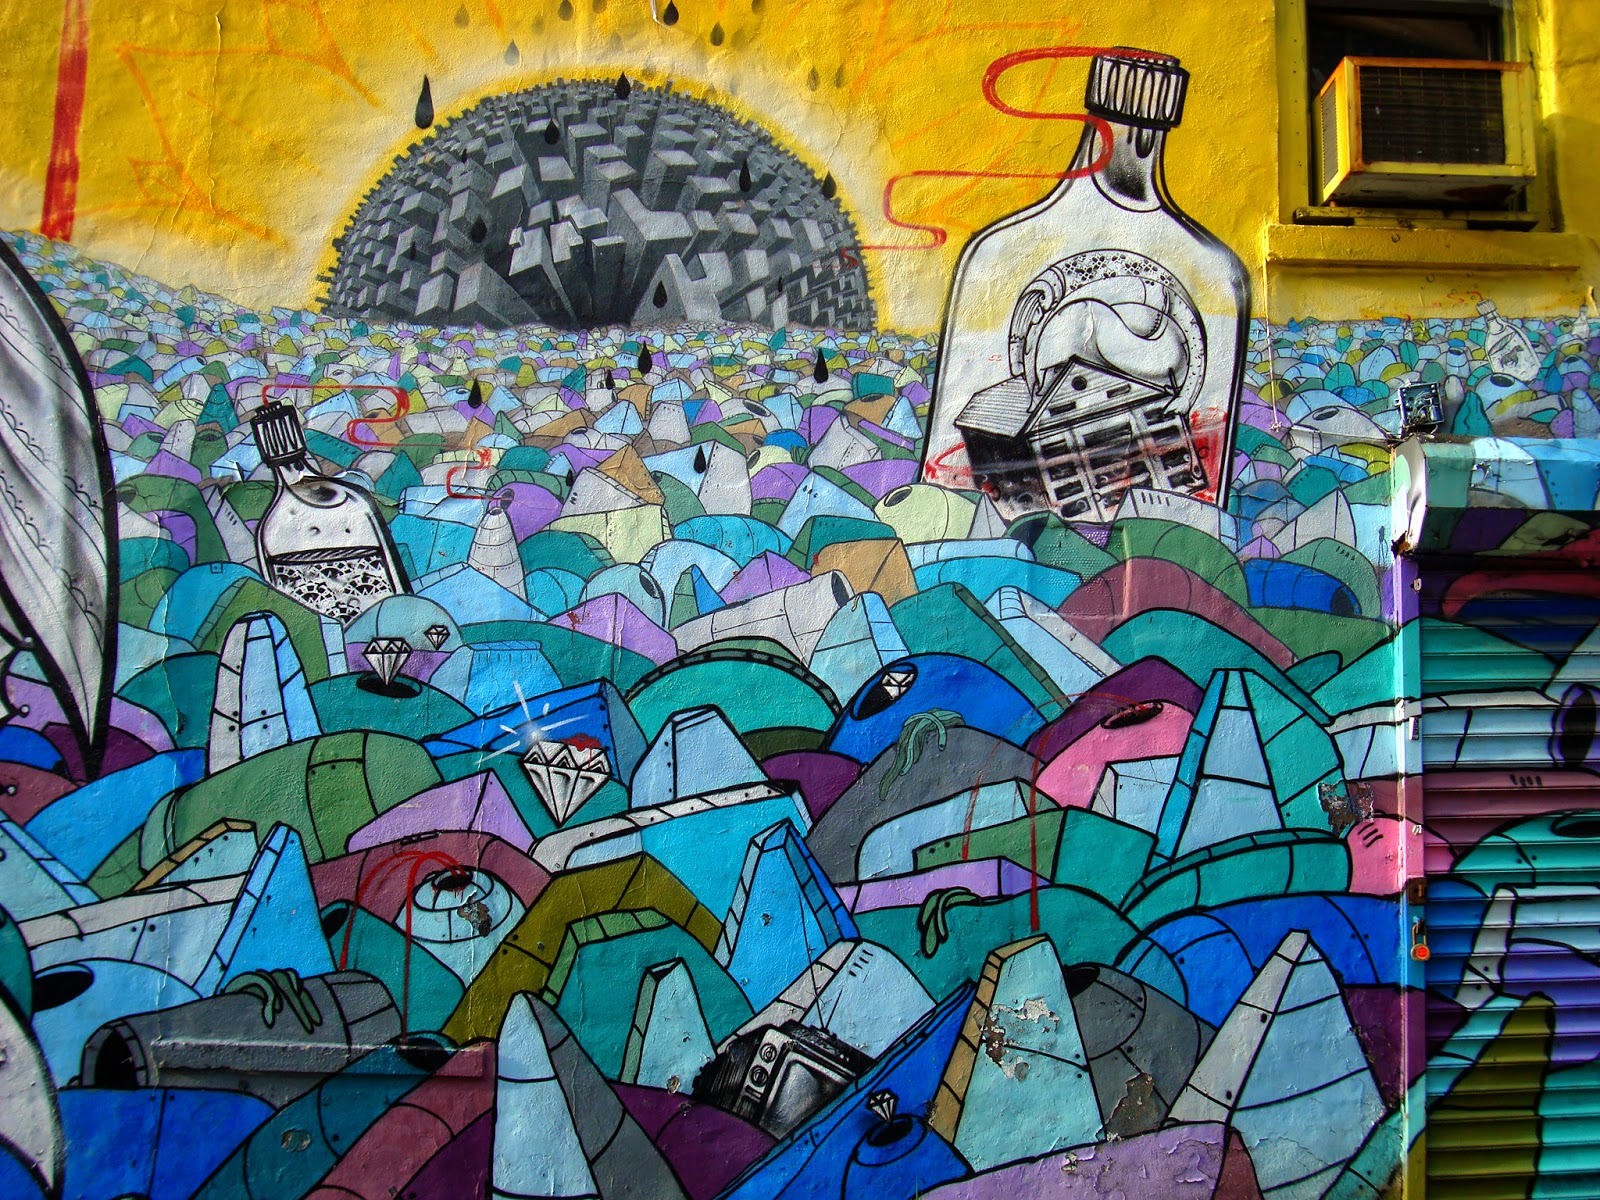 graff street art mural